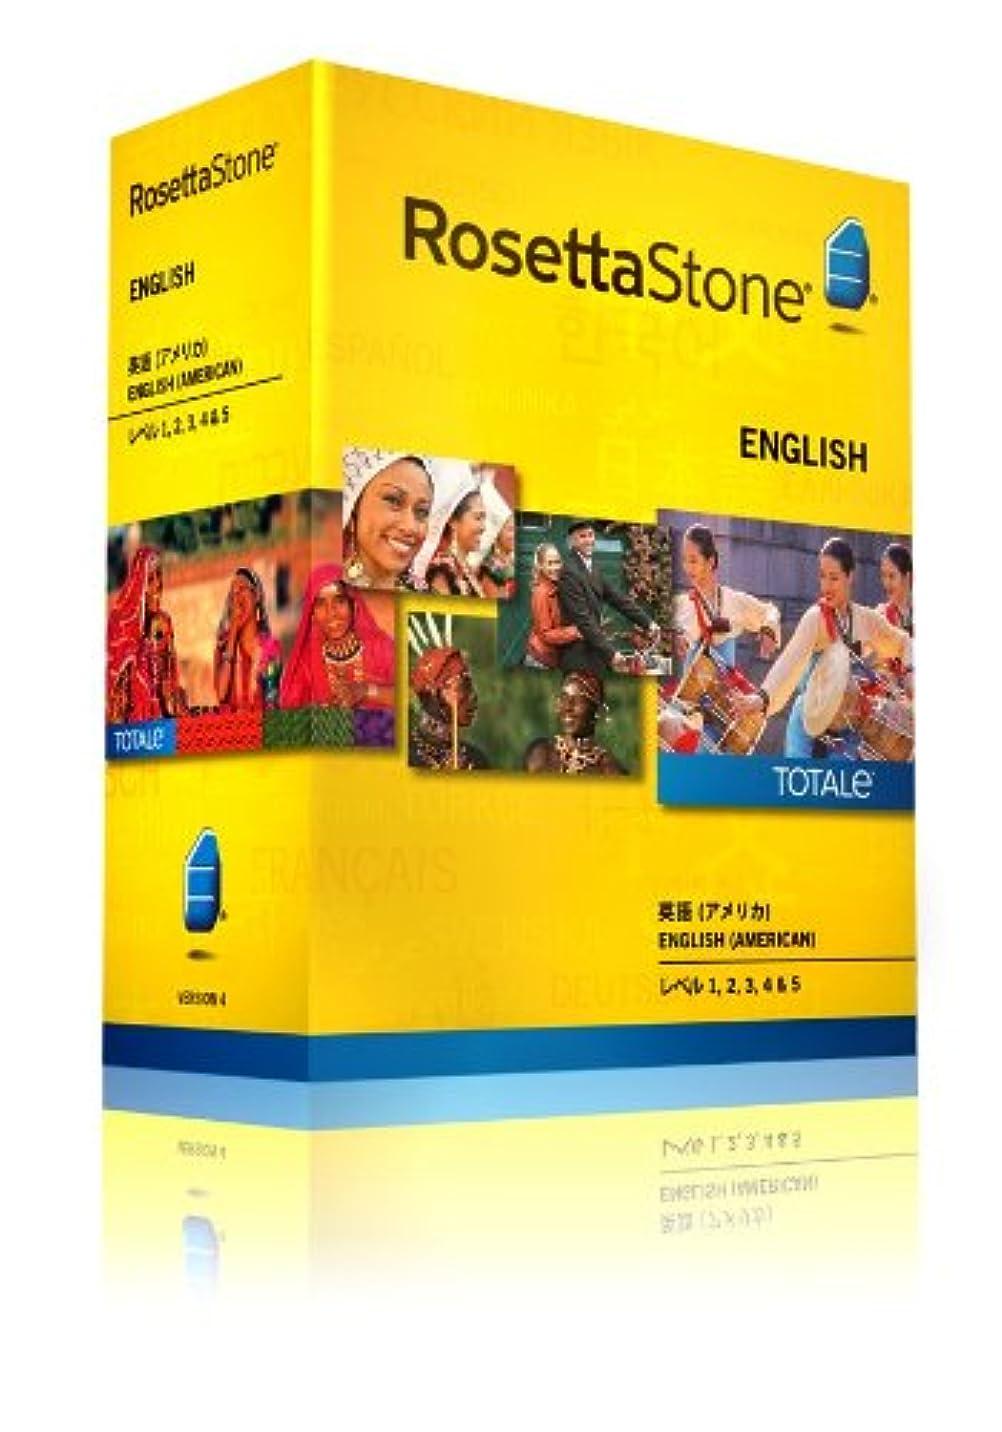 流行している教育開拓者ロゼッタストーン 英語 (アメリカ) レベル1、2、3、4&5セット v4 TOTALe